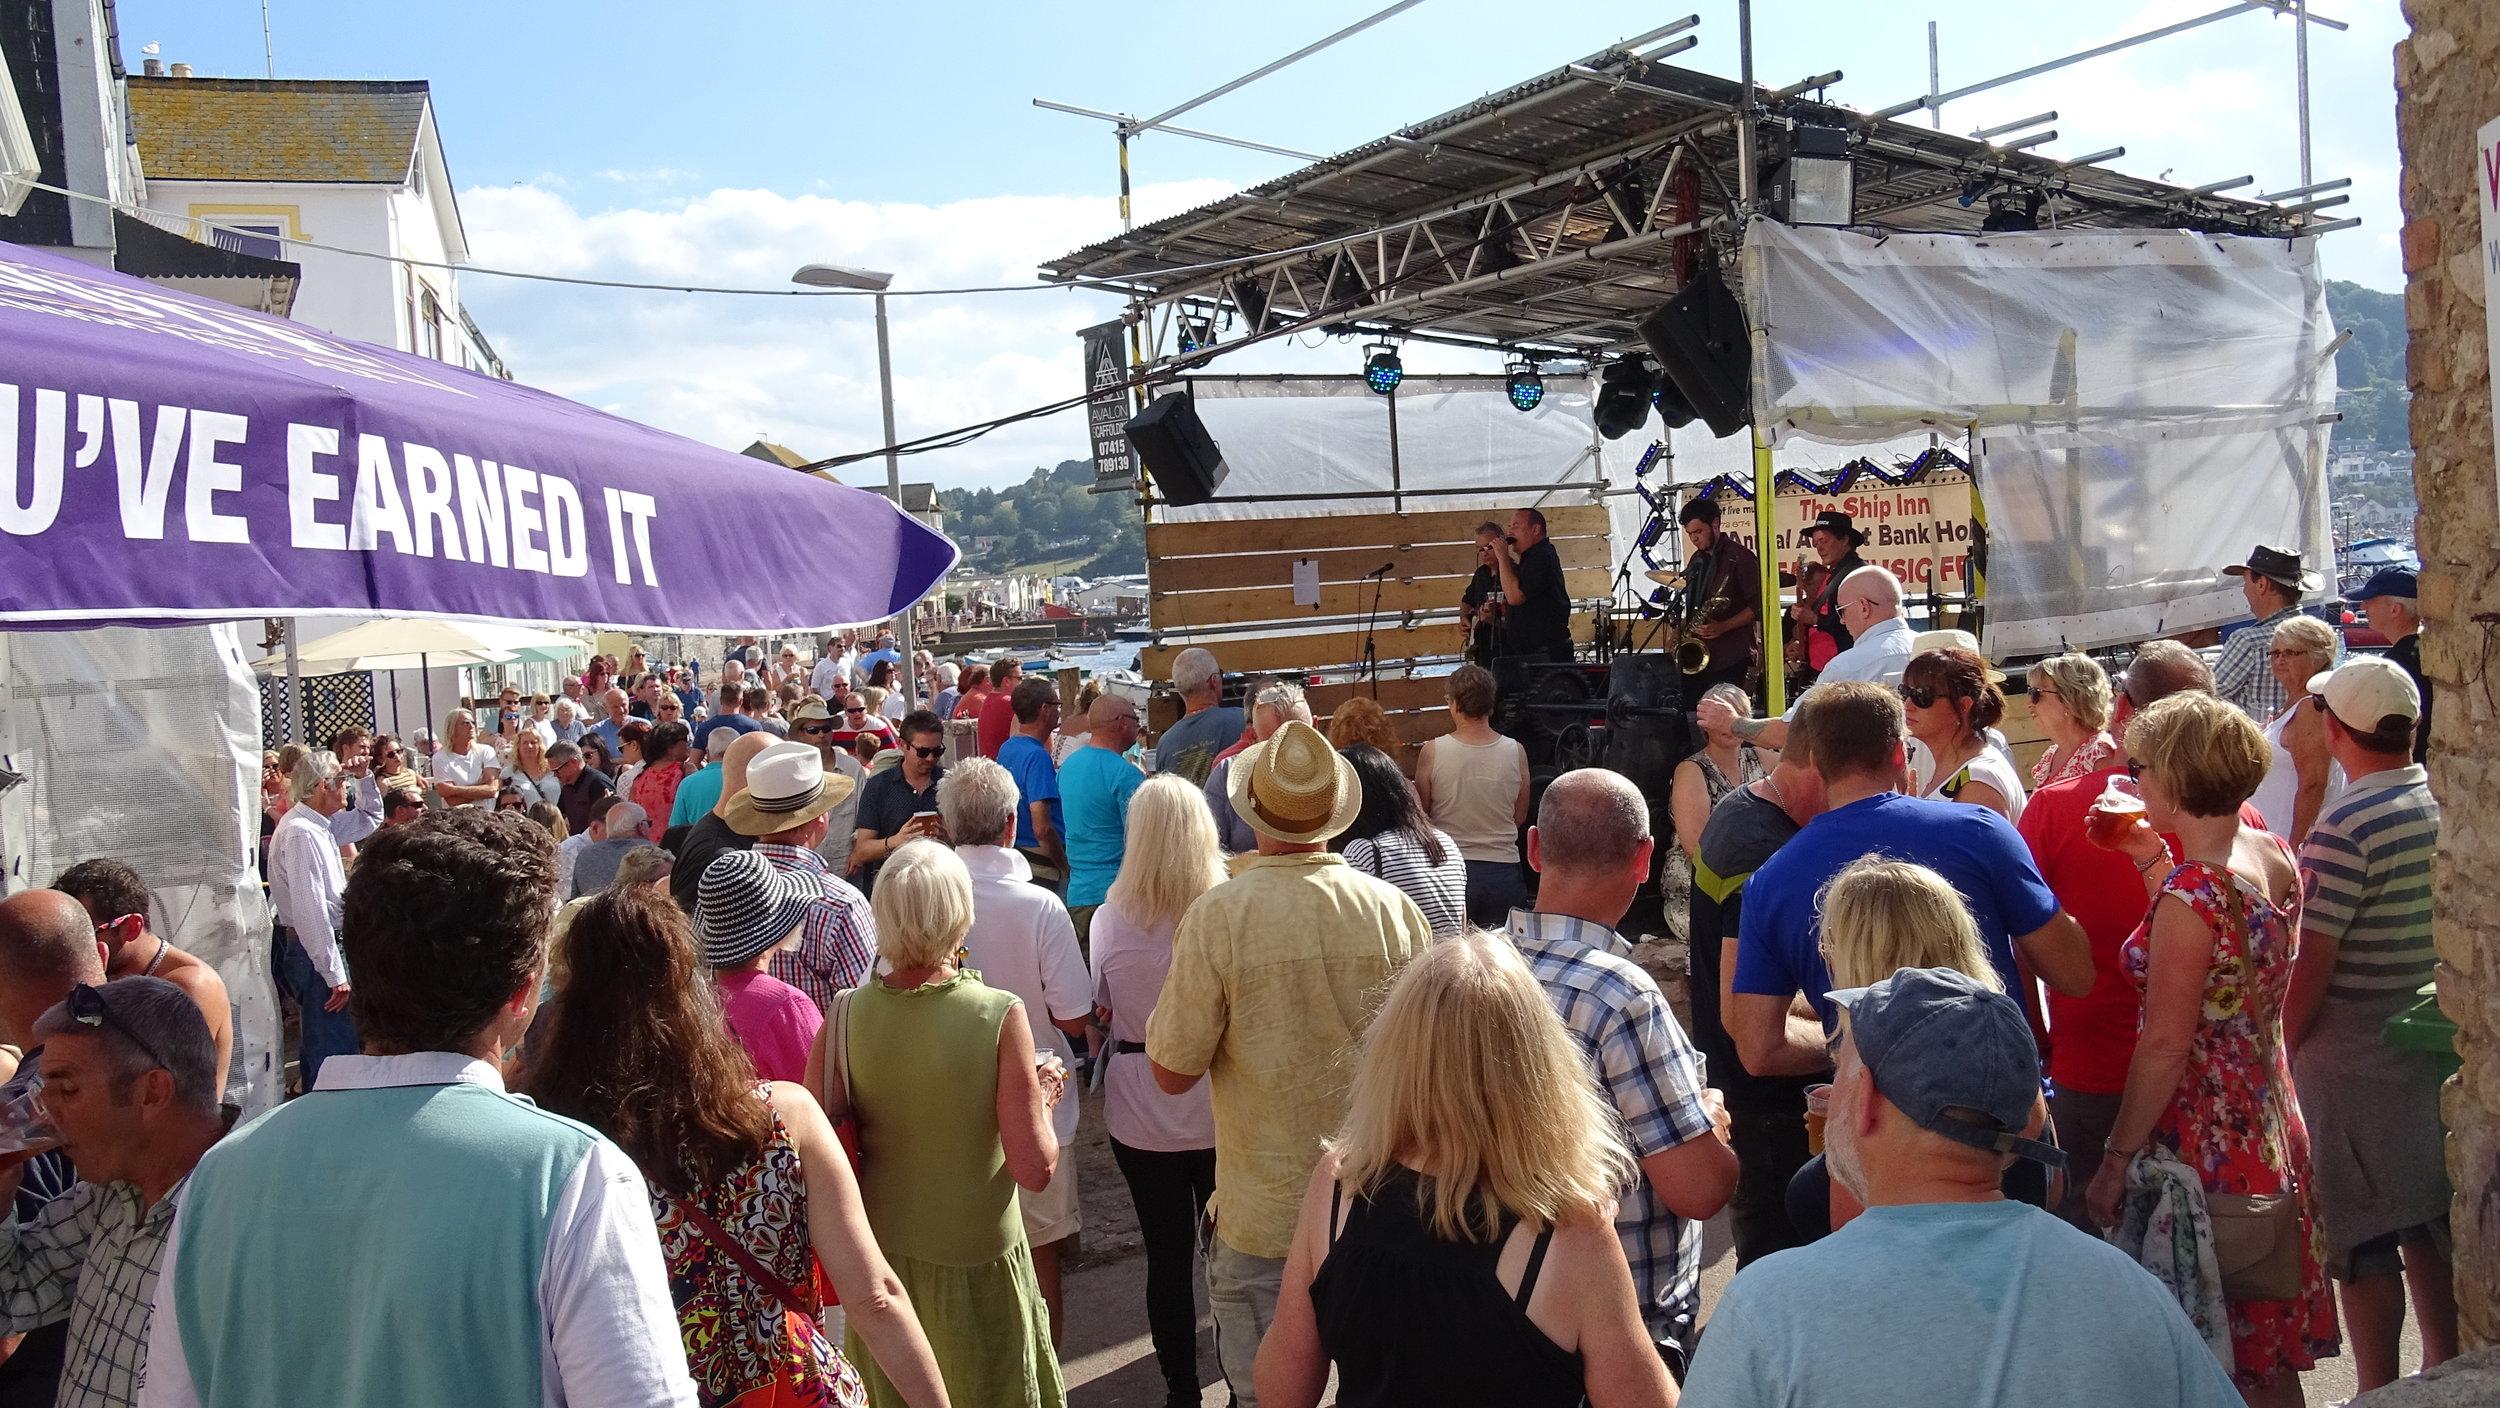 The ship inn music festival p2 207.JPG